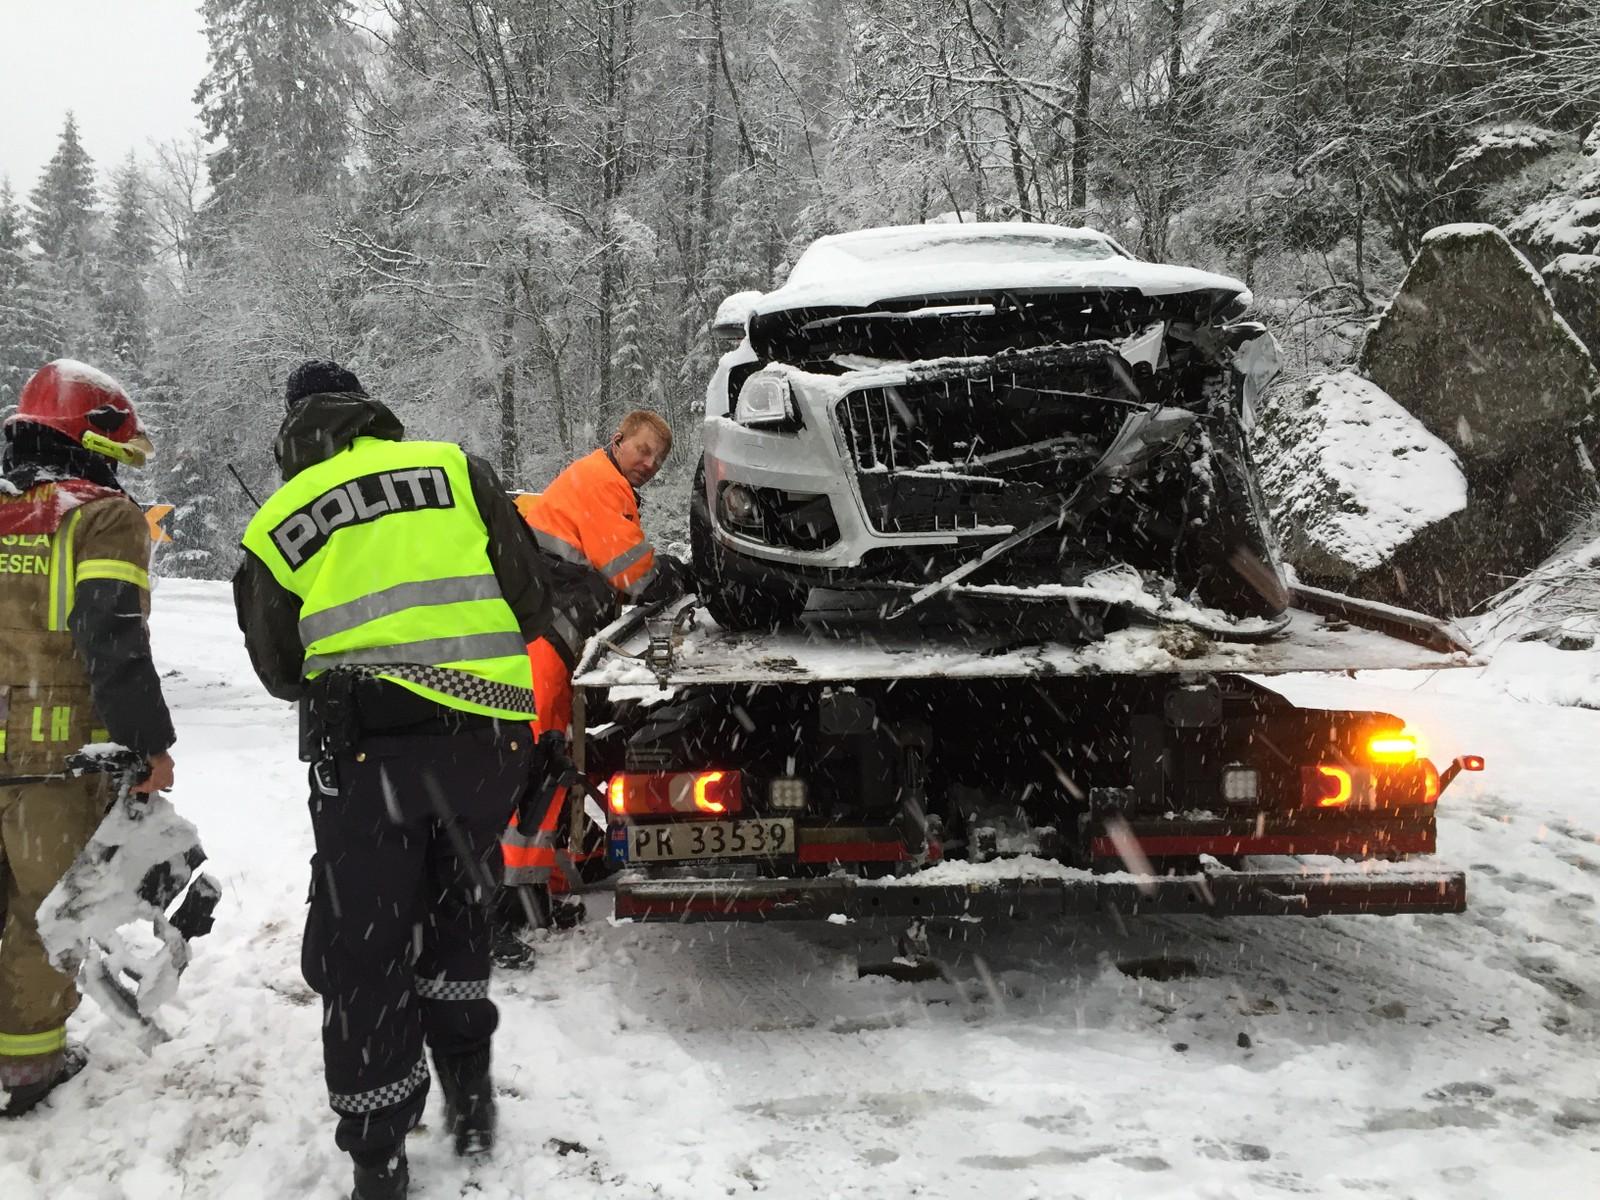 Det var store skader på begge biler etter ulykken.